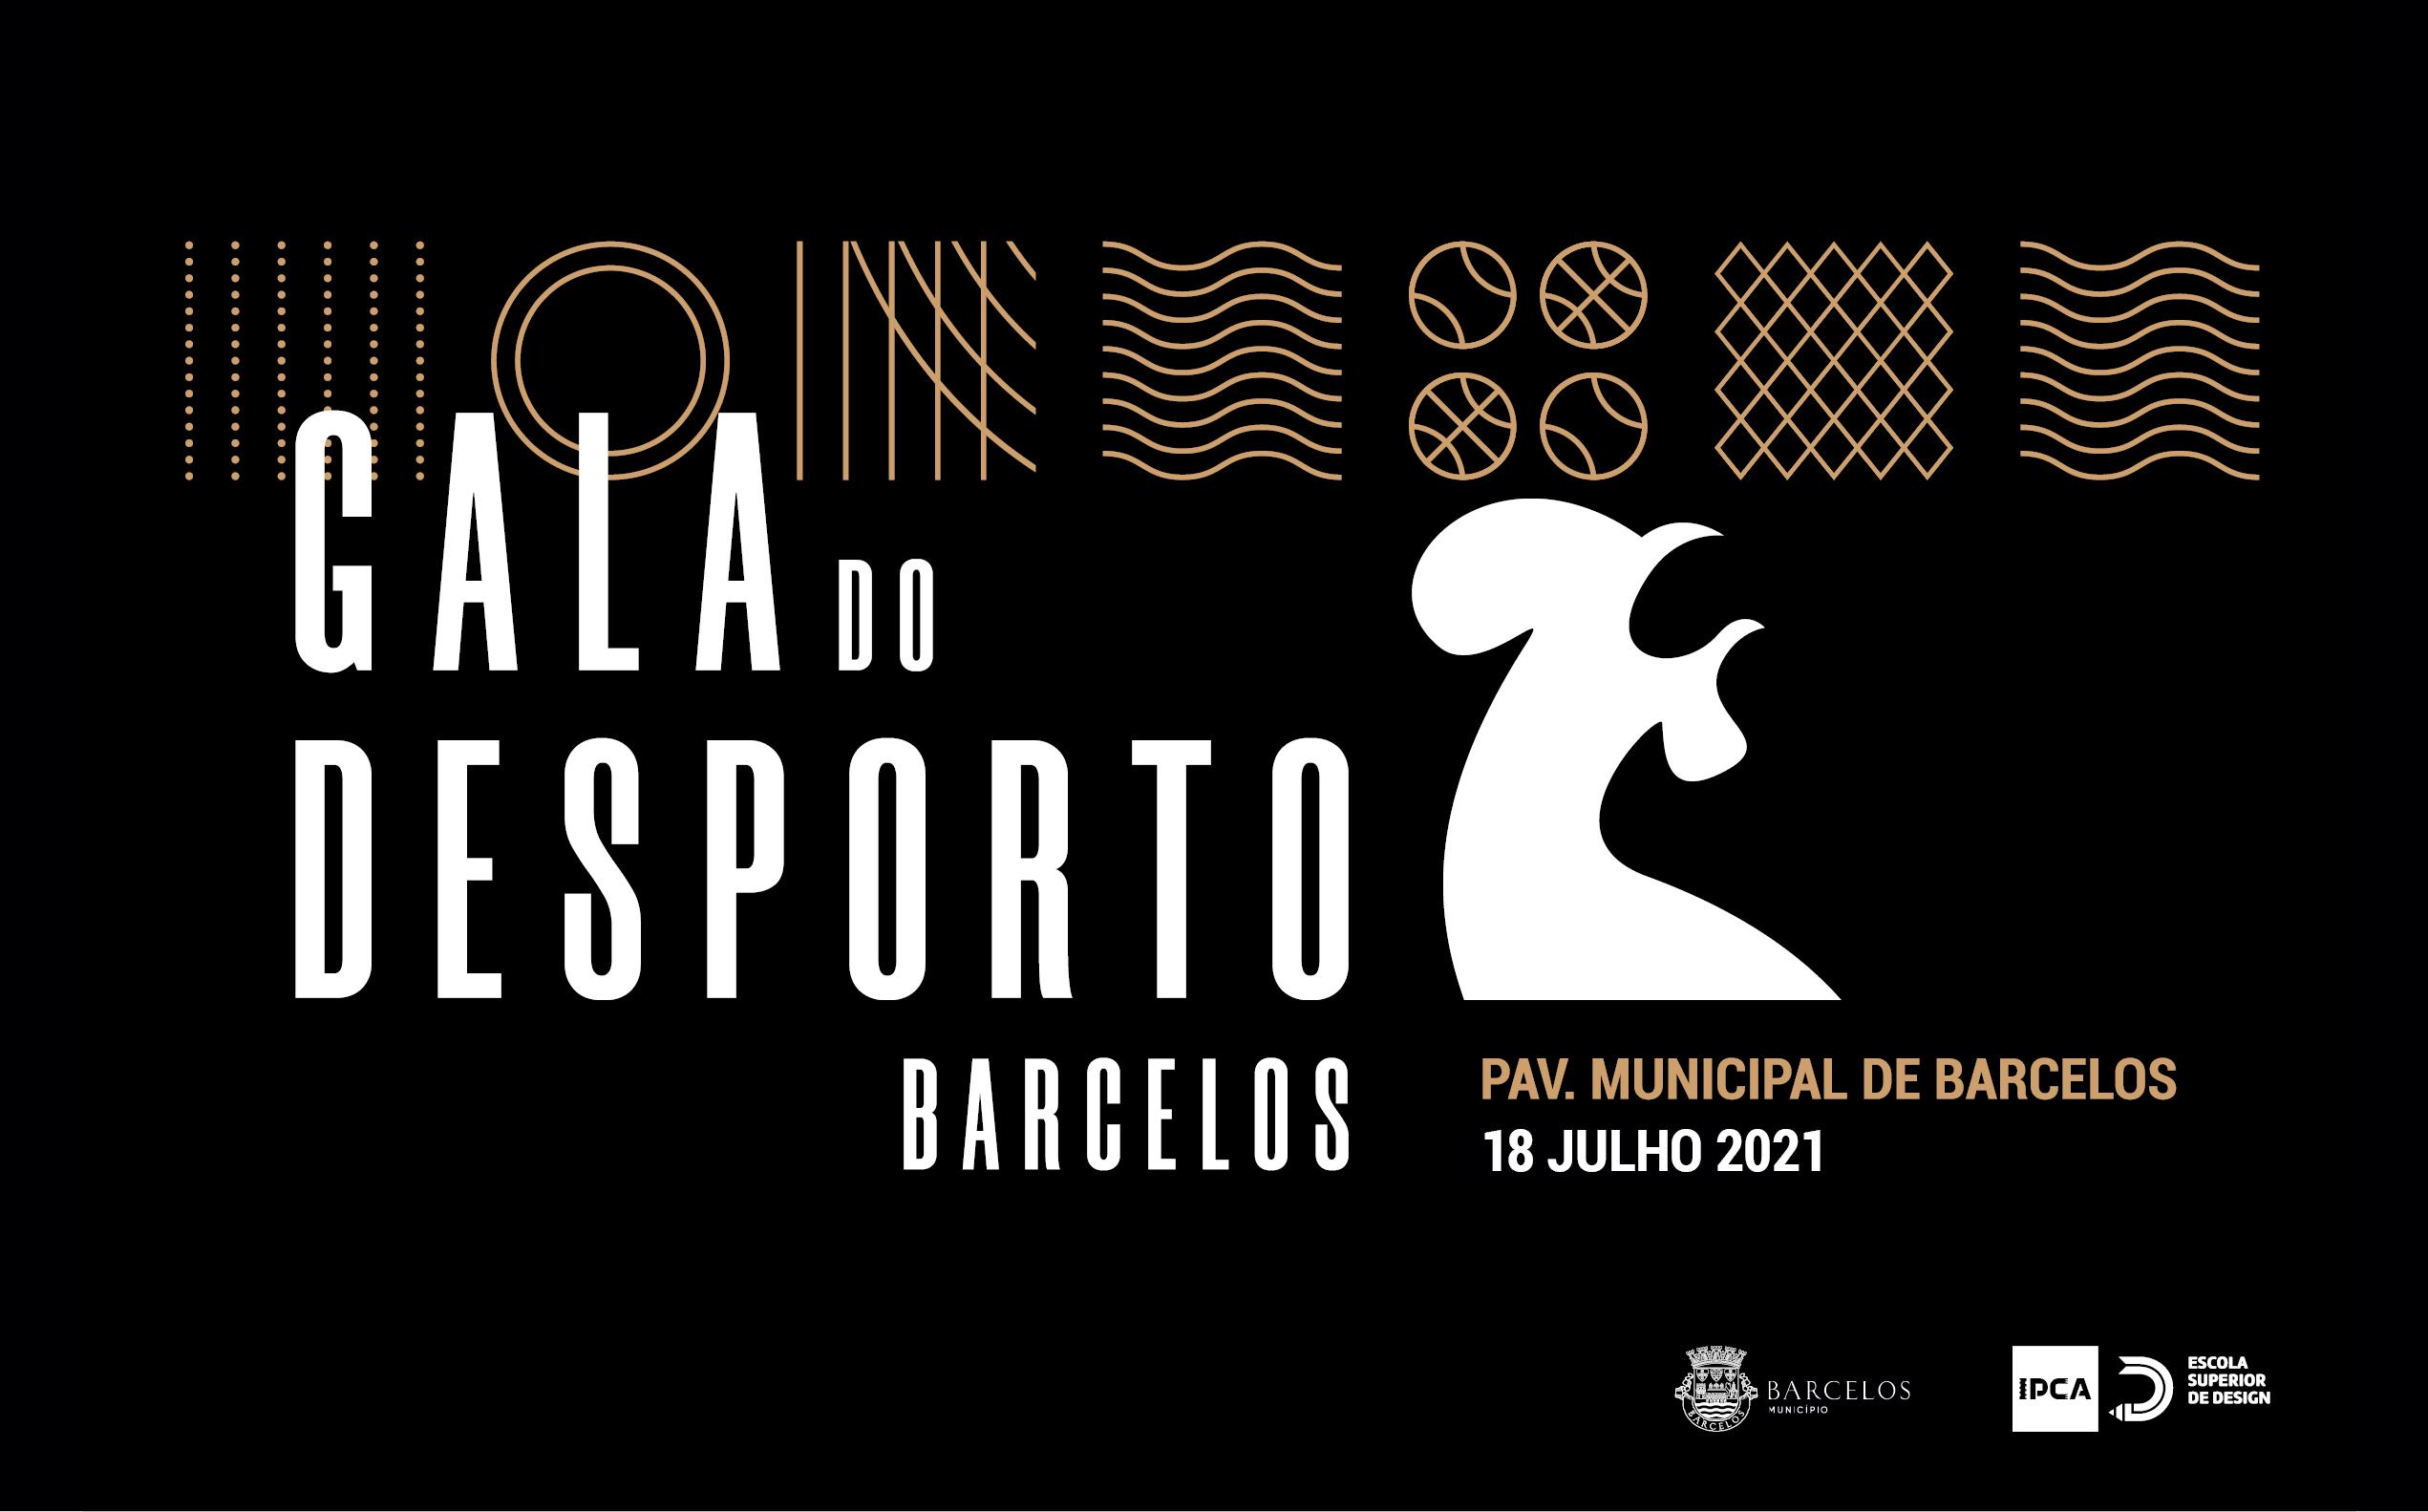 Atletas barcelenses já se podem inscrever na Gala do Desporto a realizar em julho